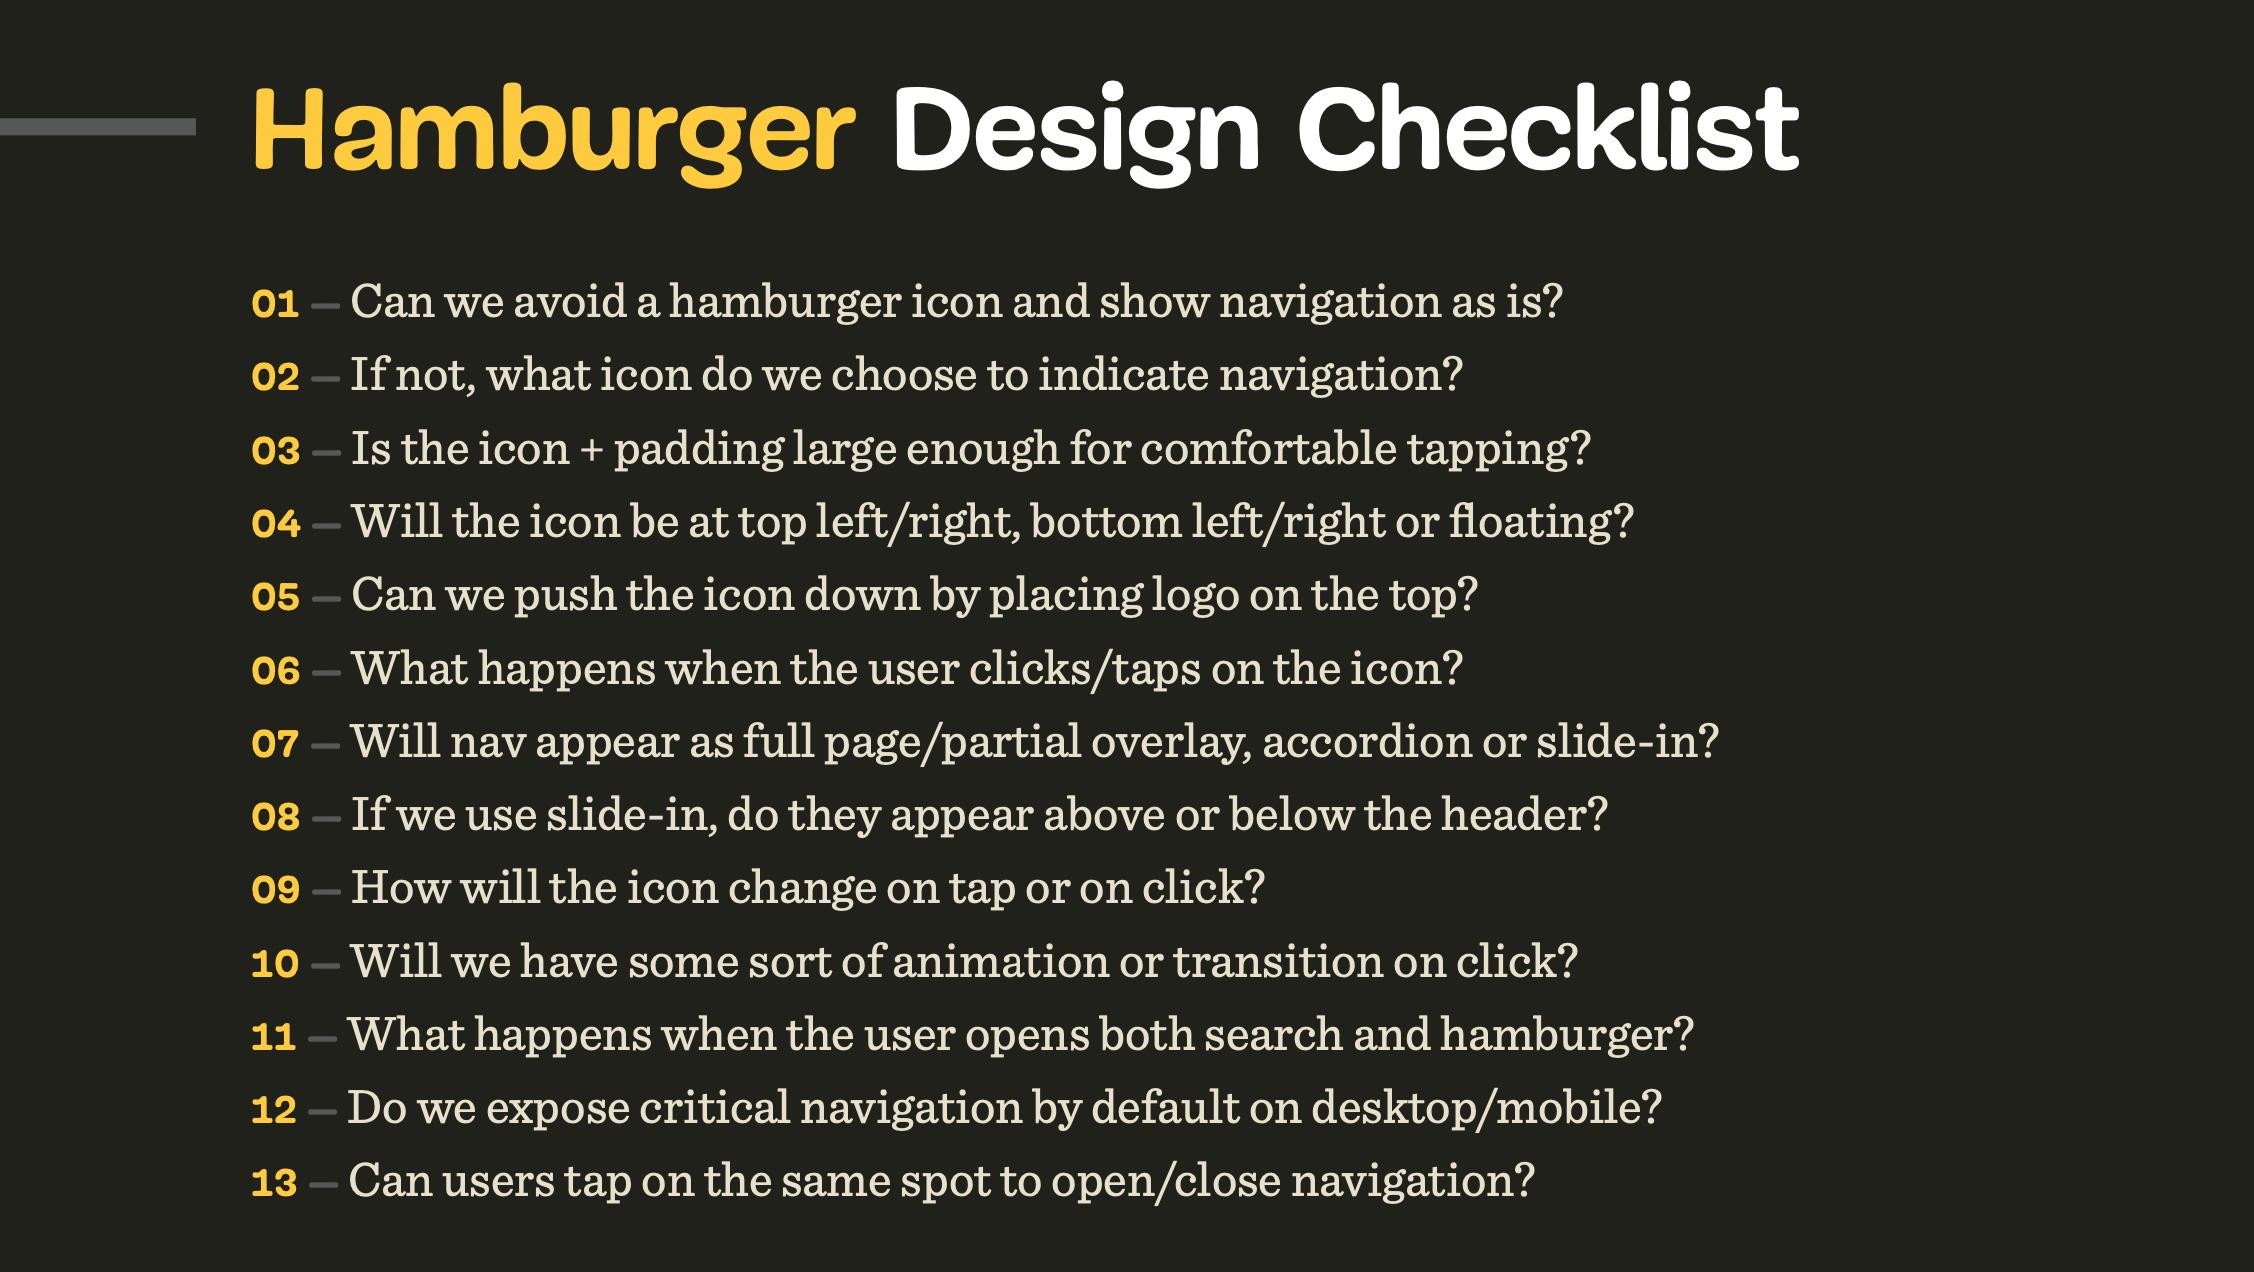 Hamburger design checklist